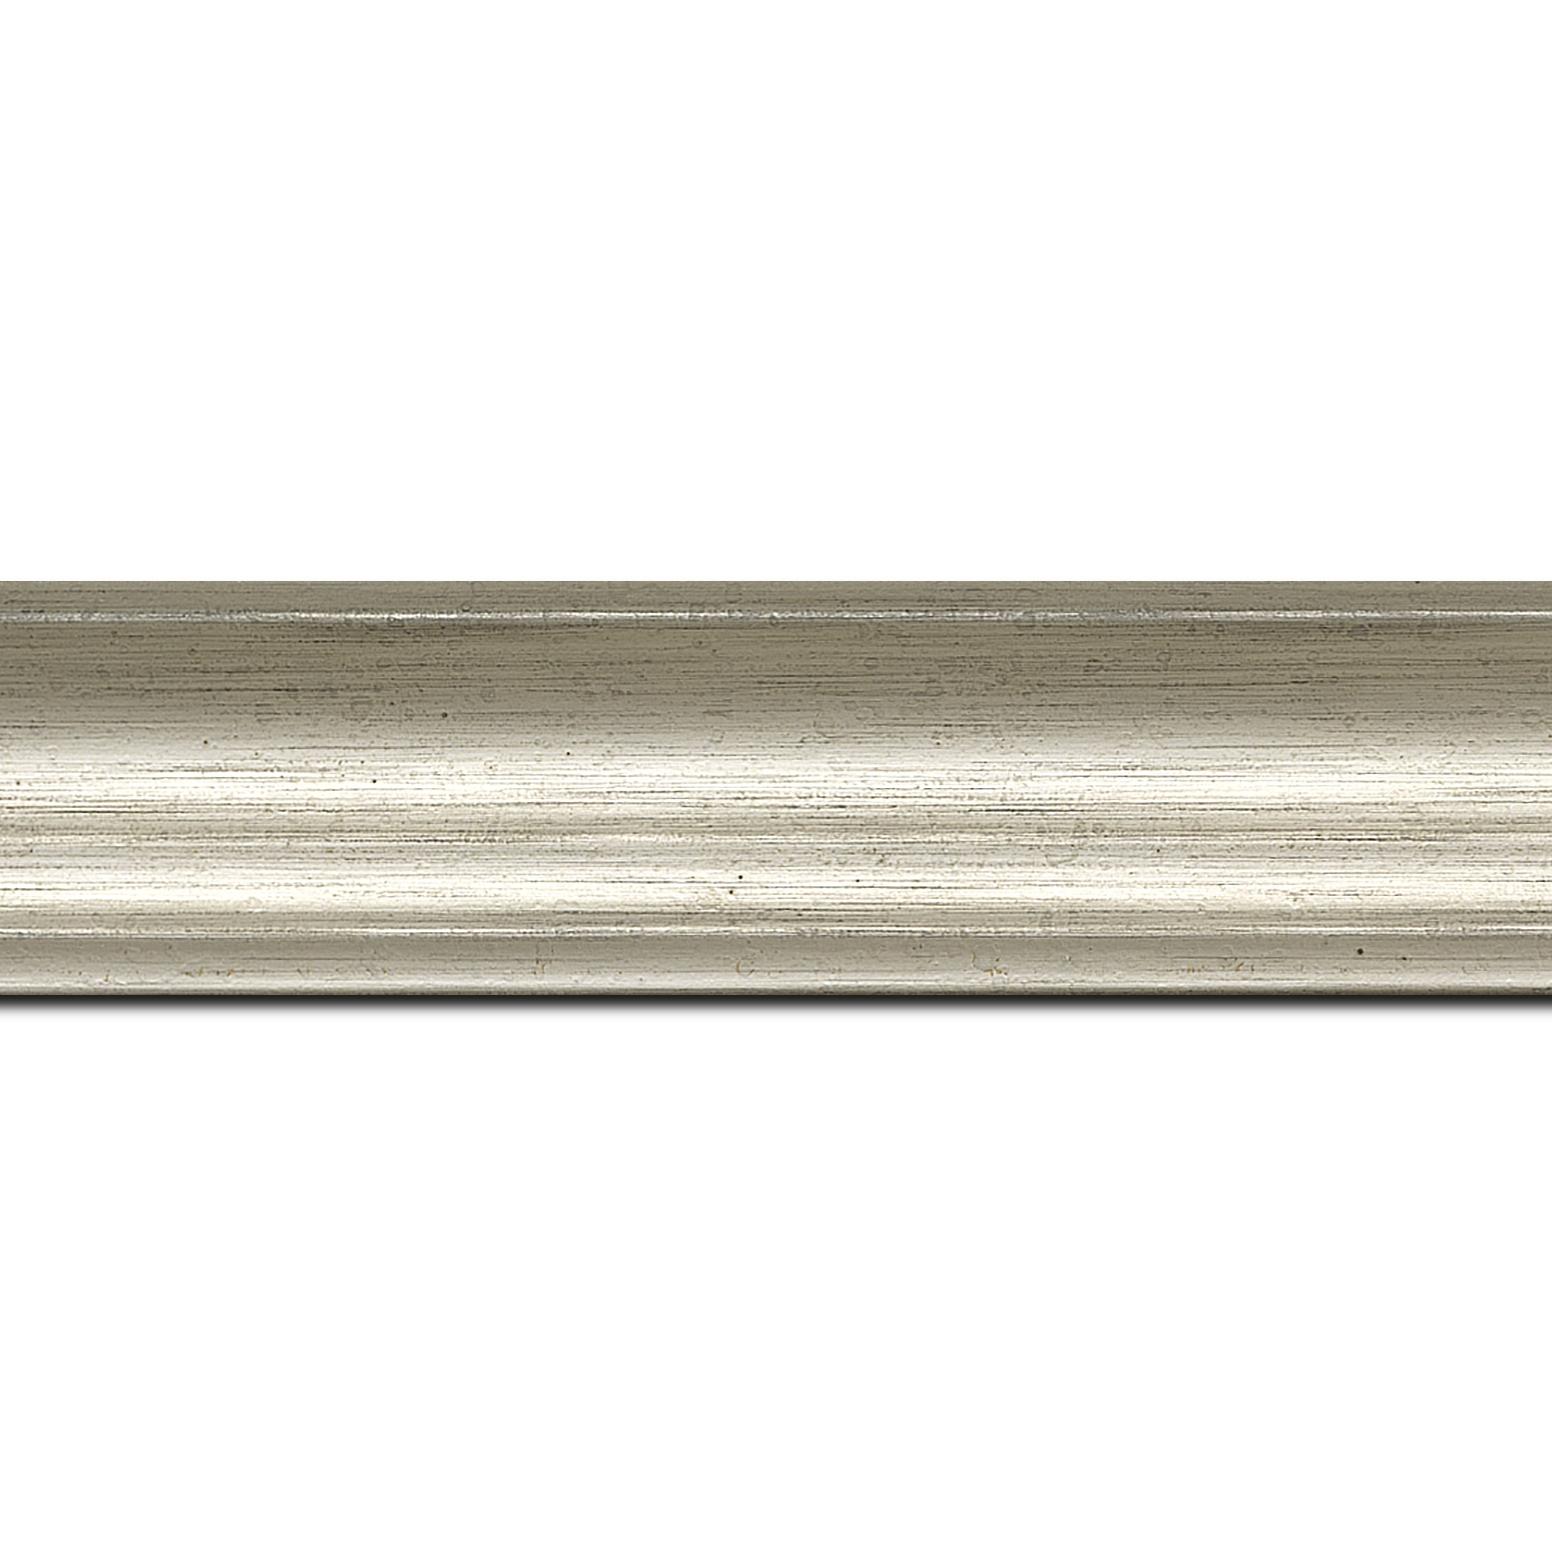 Baguette longueur 1.40m bois profil incurvé largeur 4.2cm argent chaud  finition nature